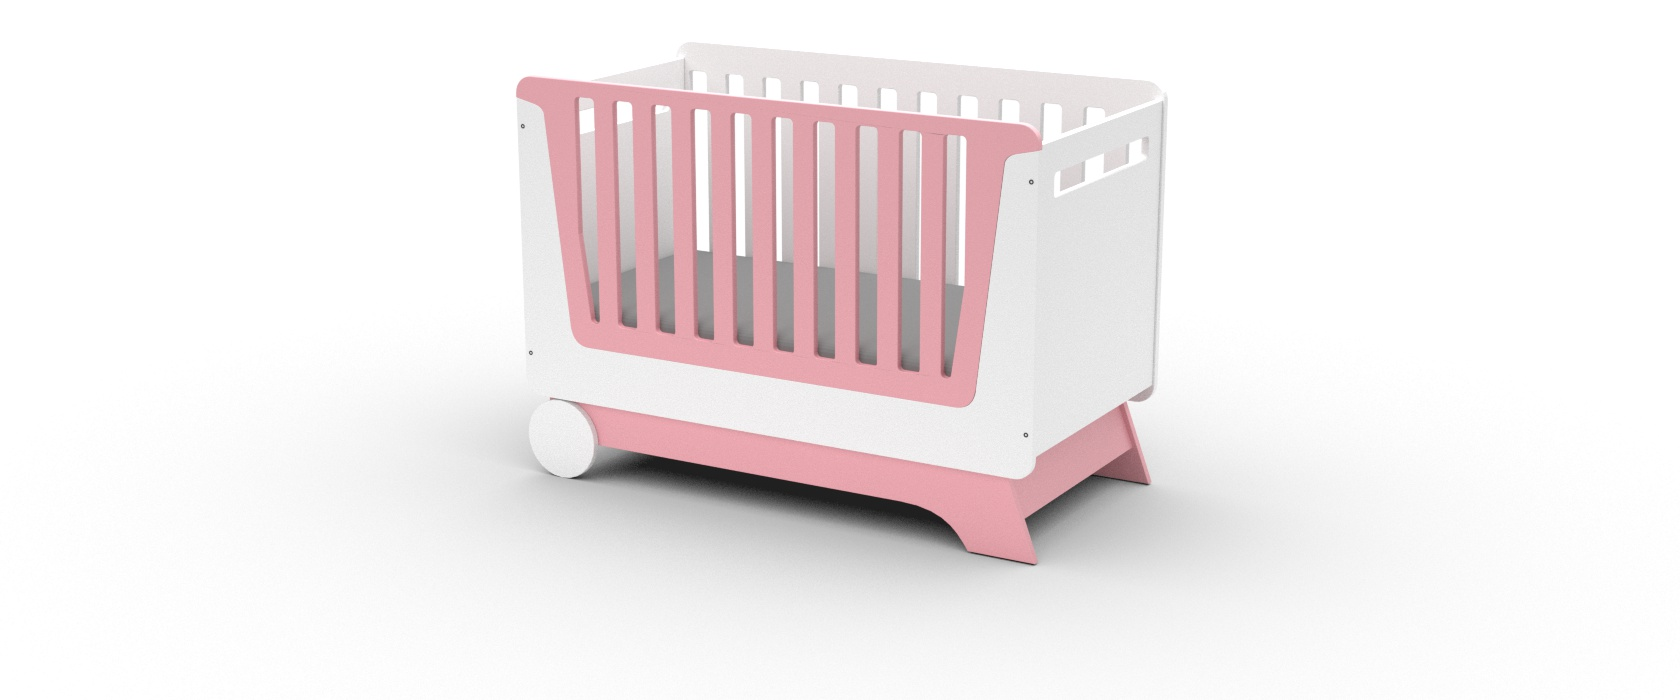 Ліжко дитяче Nova Kit